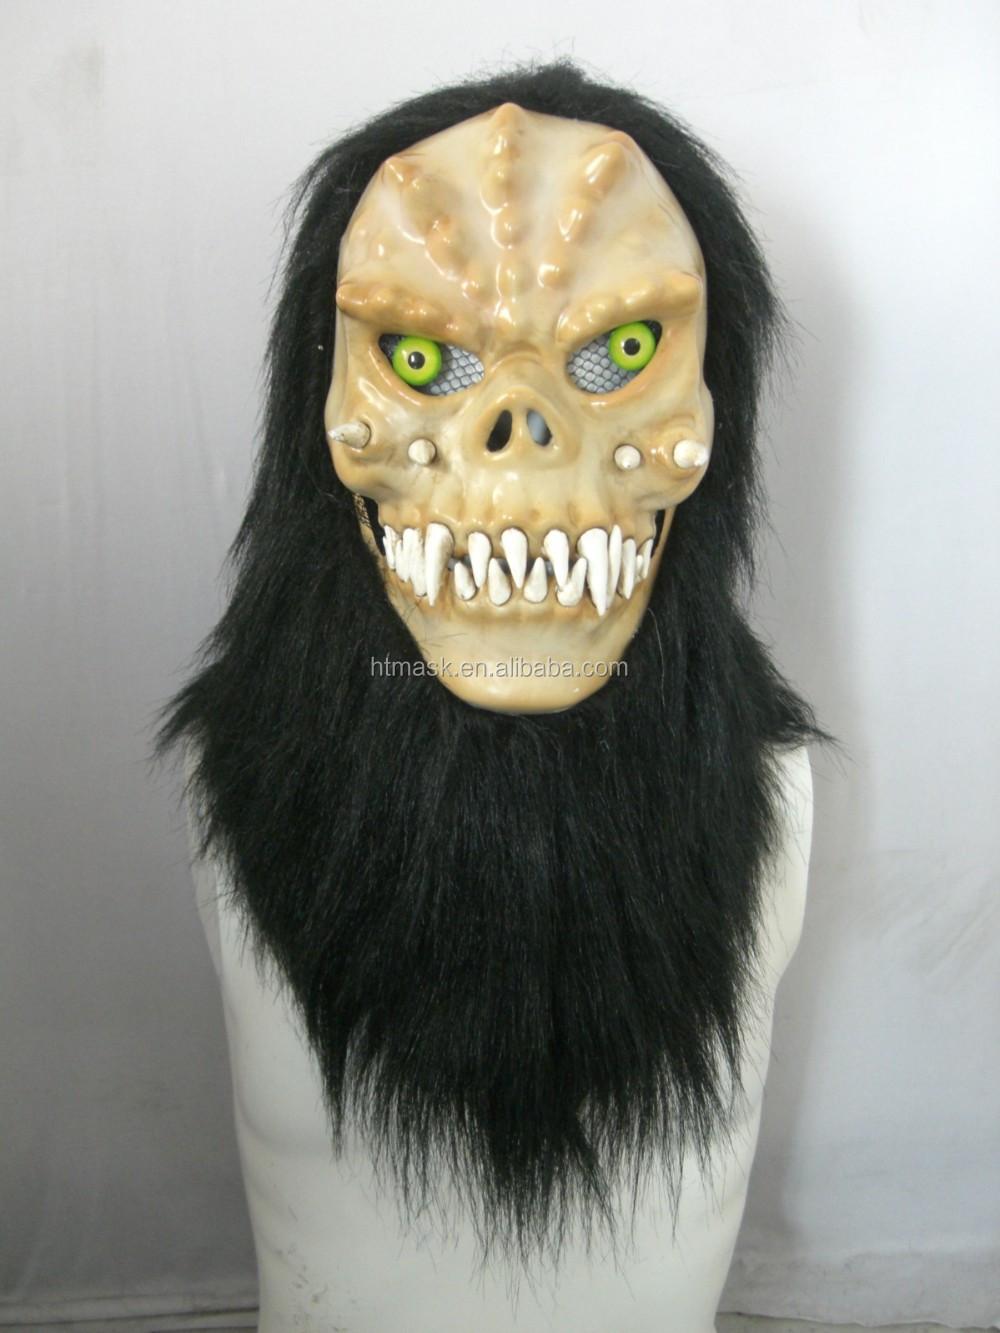 Custom Printed Ski Mask Printable Sexy Halloween Adult Mask Indian ...